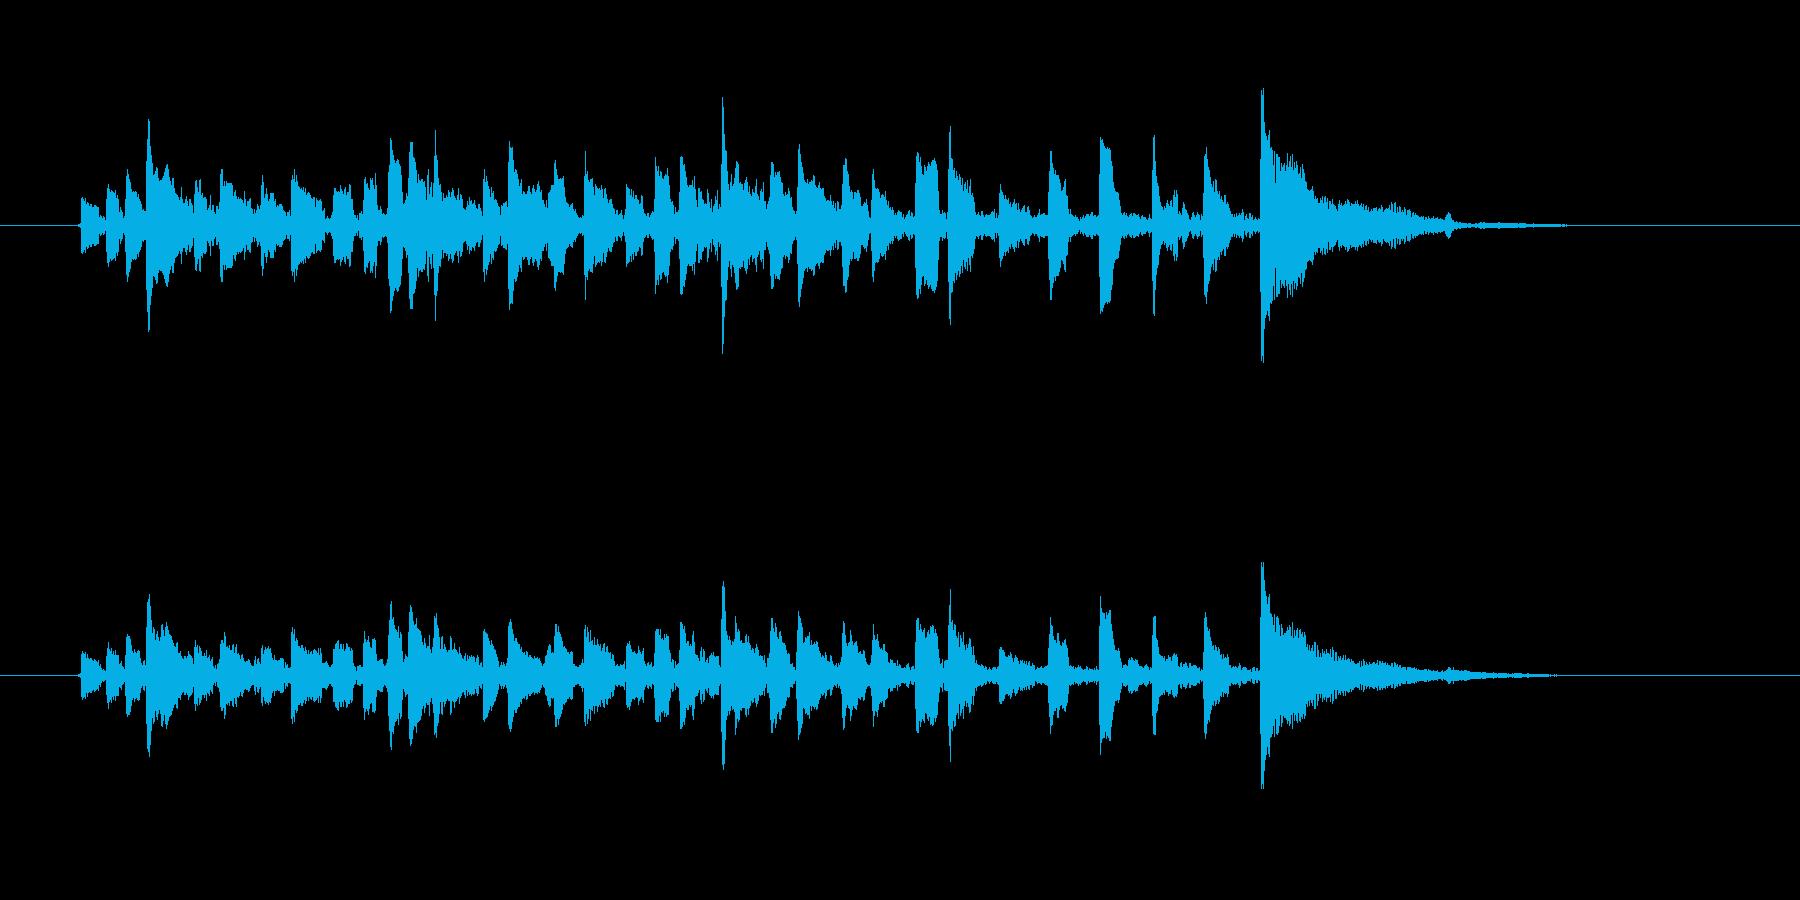 望郷のアコースティックギターの再生済みの波形